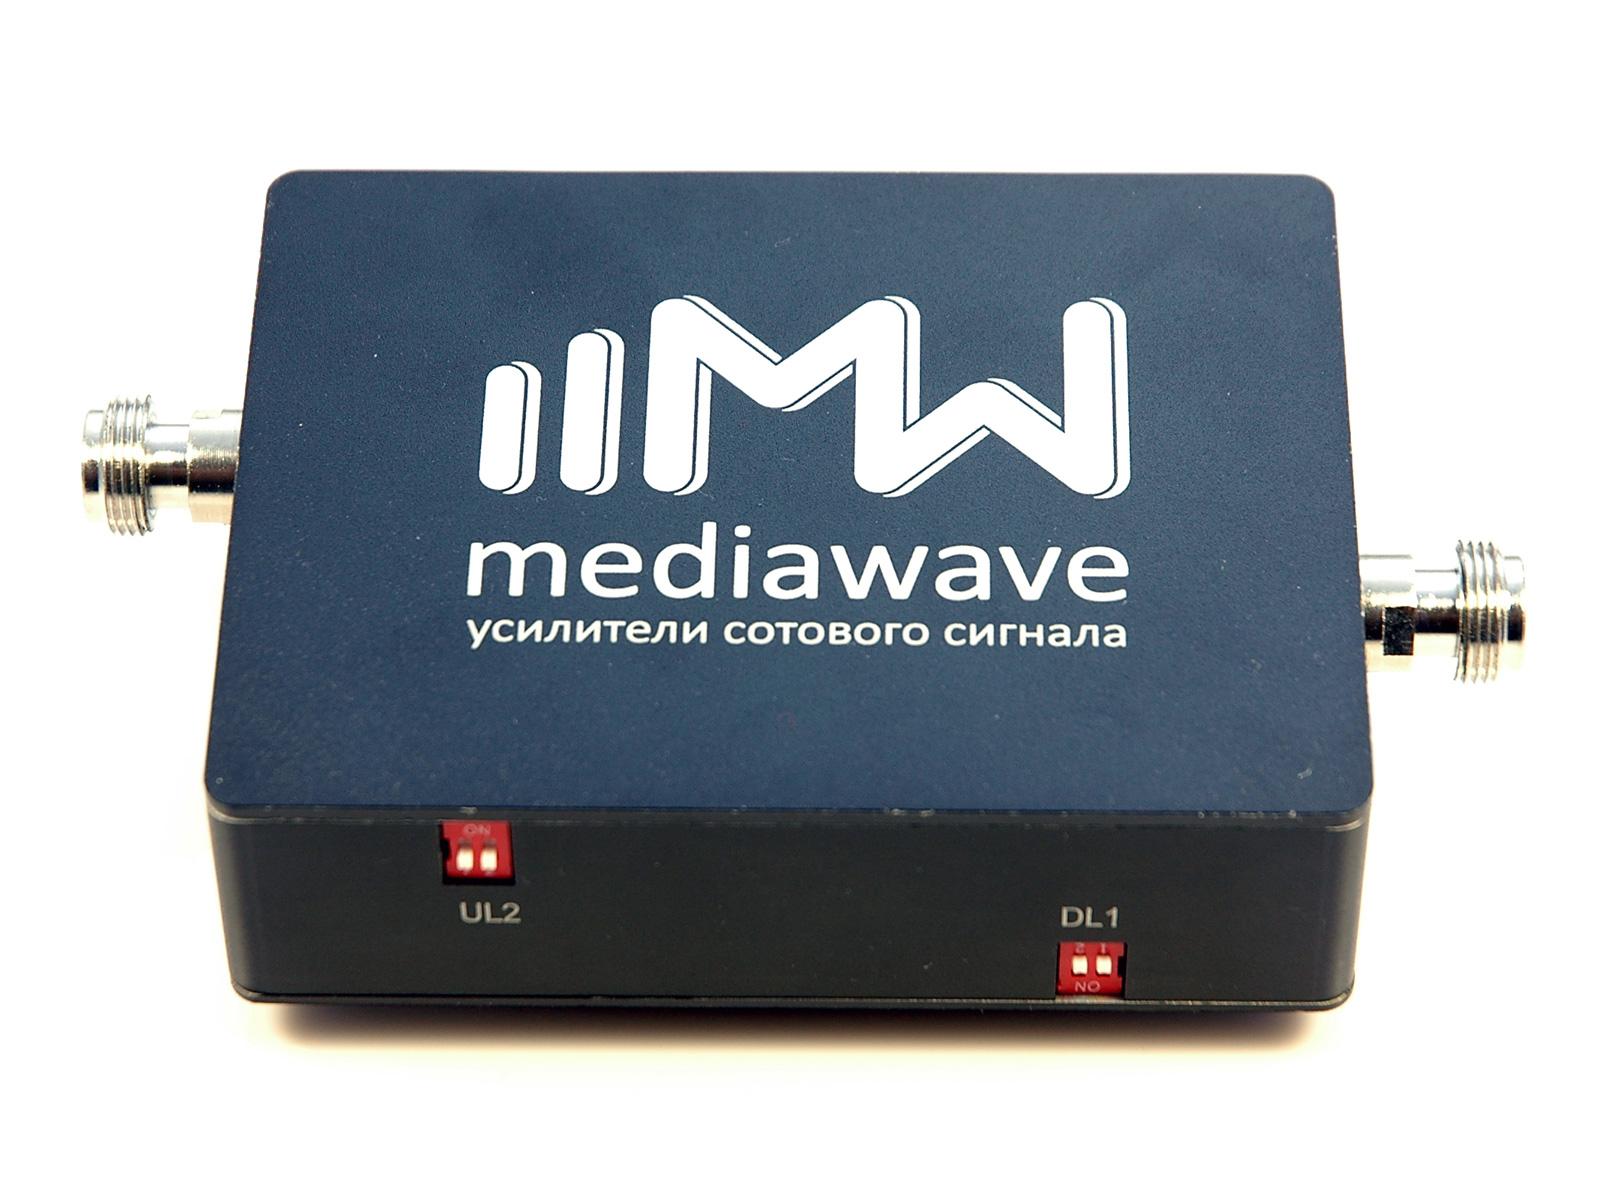 MediaWave MWD-EGW-BST20 - линейный усилитель (бустер) в стандарте связи EGSM / 3G 900/2100 МГц